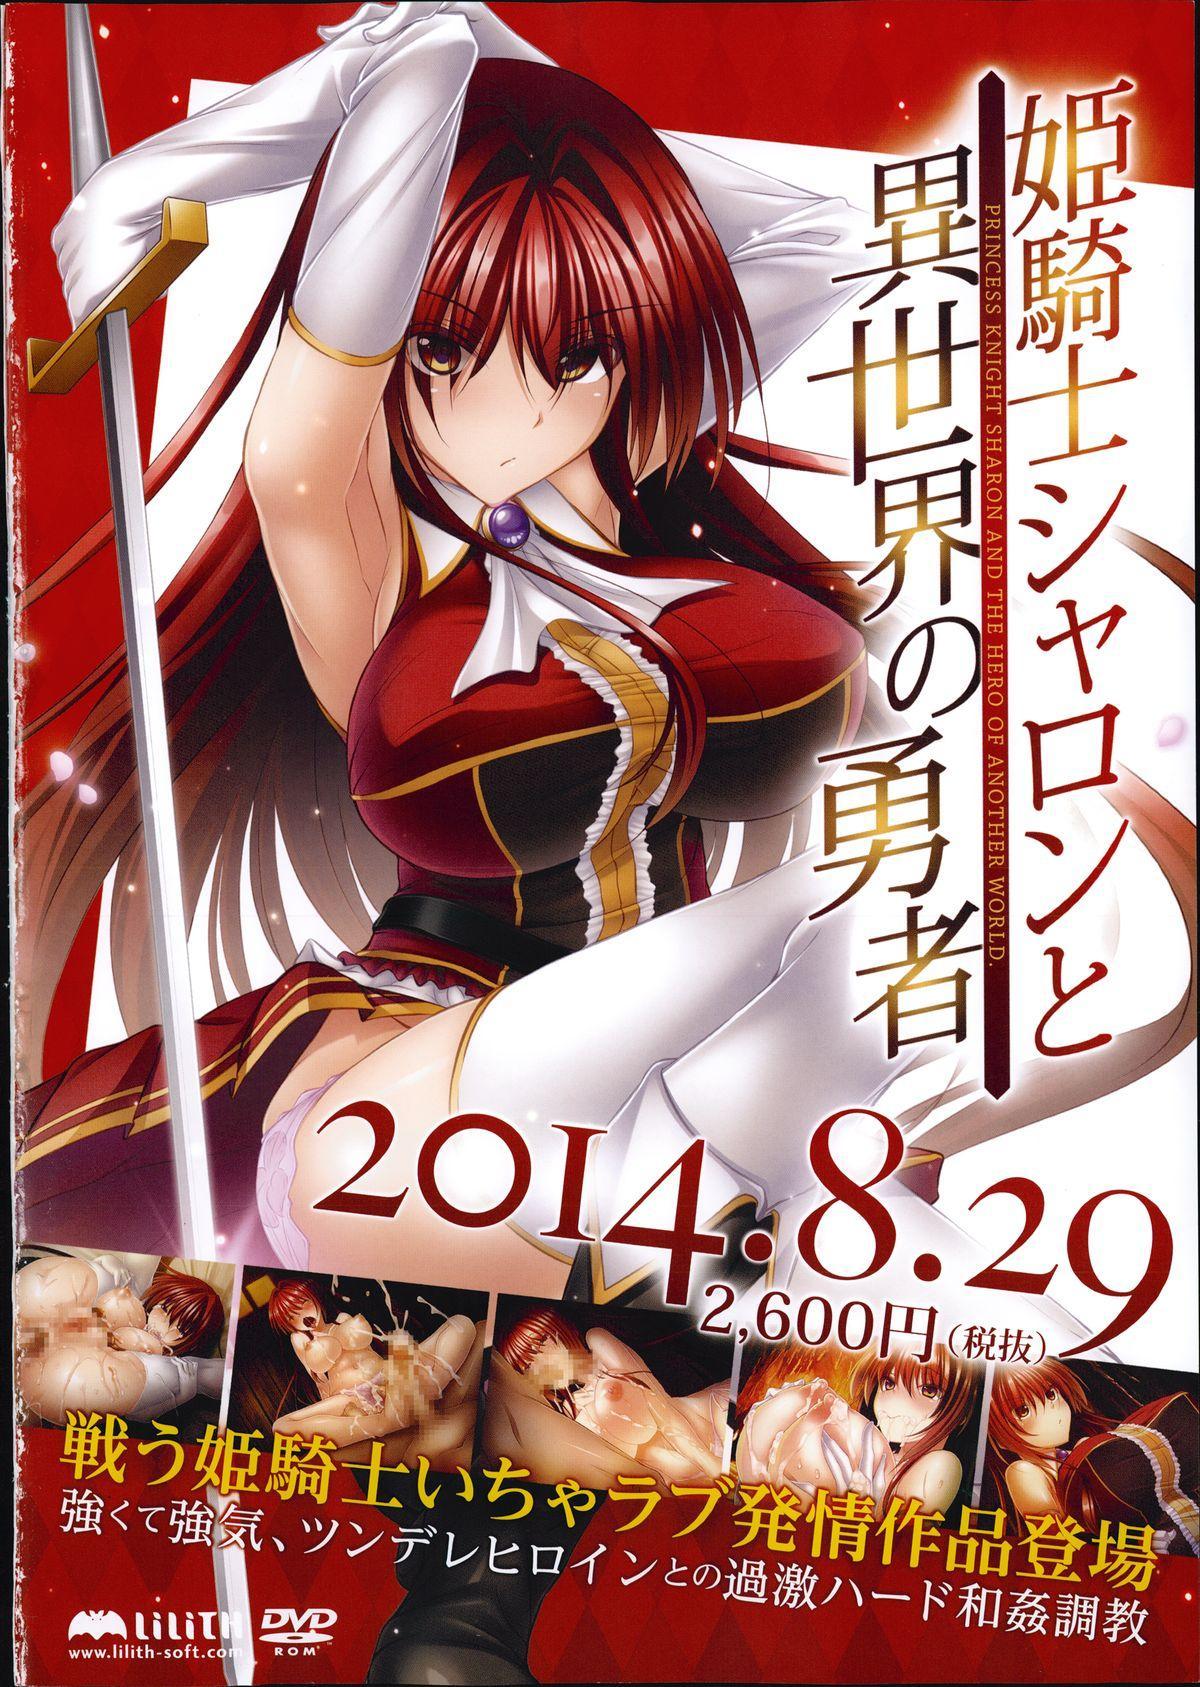 COMIC X-EROS #22 2014-10 2